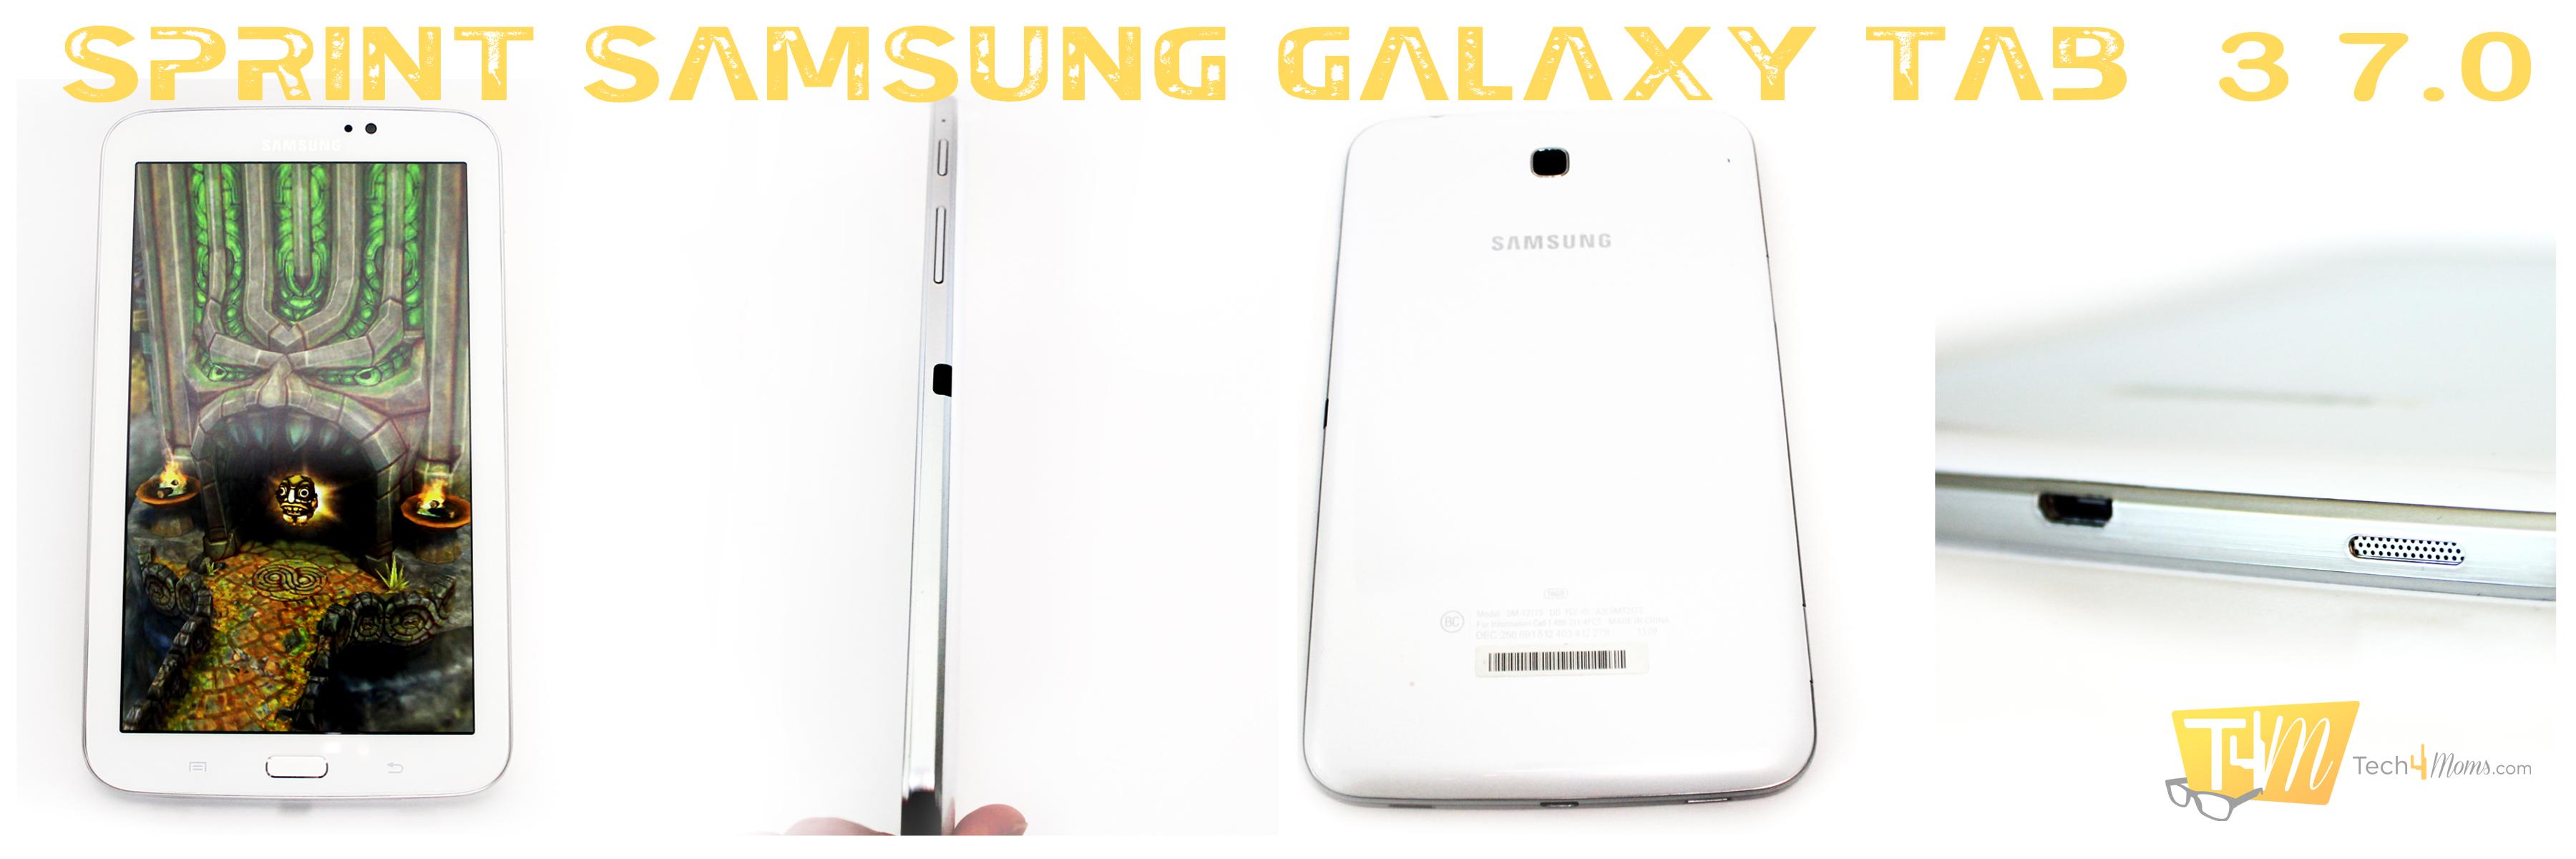 Sprint Samsung Galaxy Tab 3 7.0